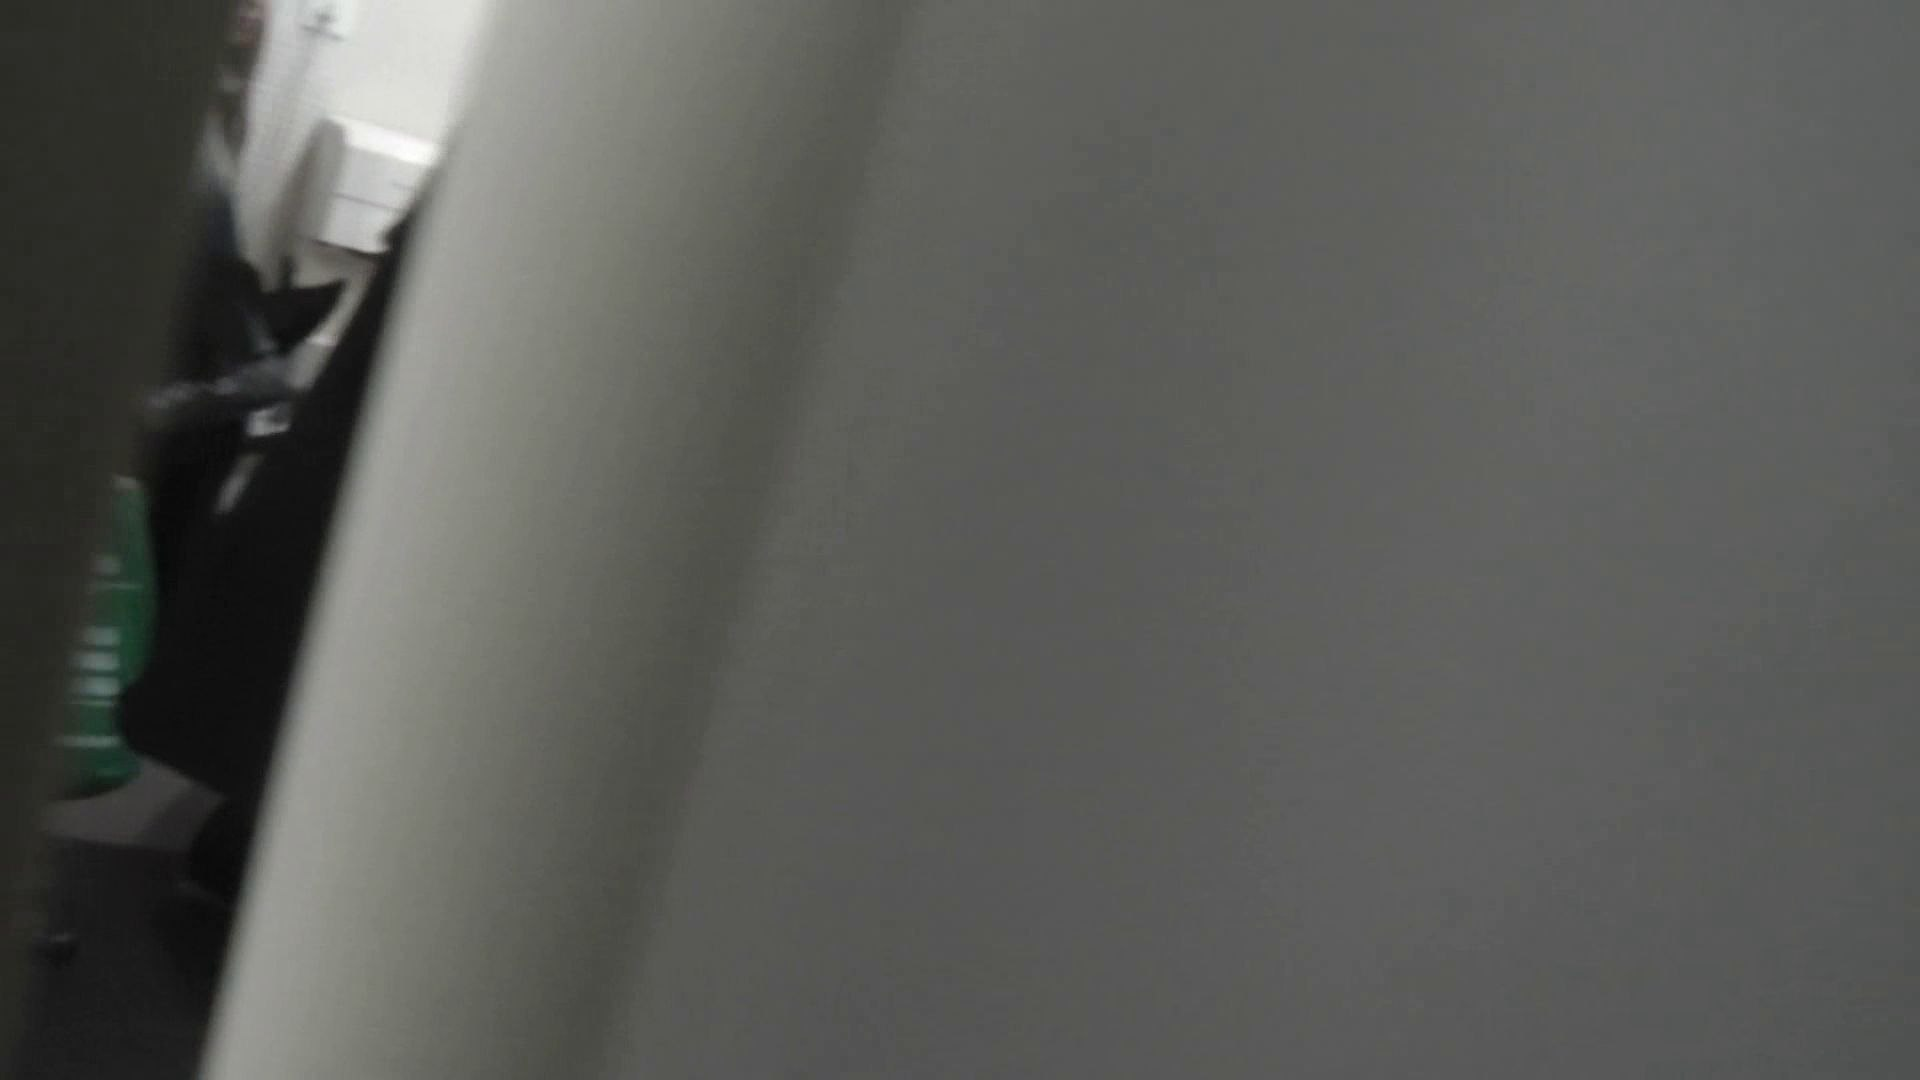 【日本成人用品展览会。超模如云】vol.01 着替 空爆 OLの実態  100pic 30